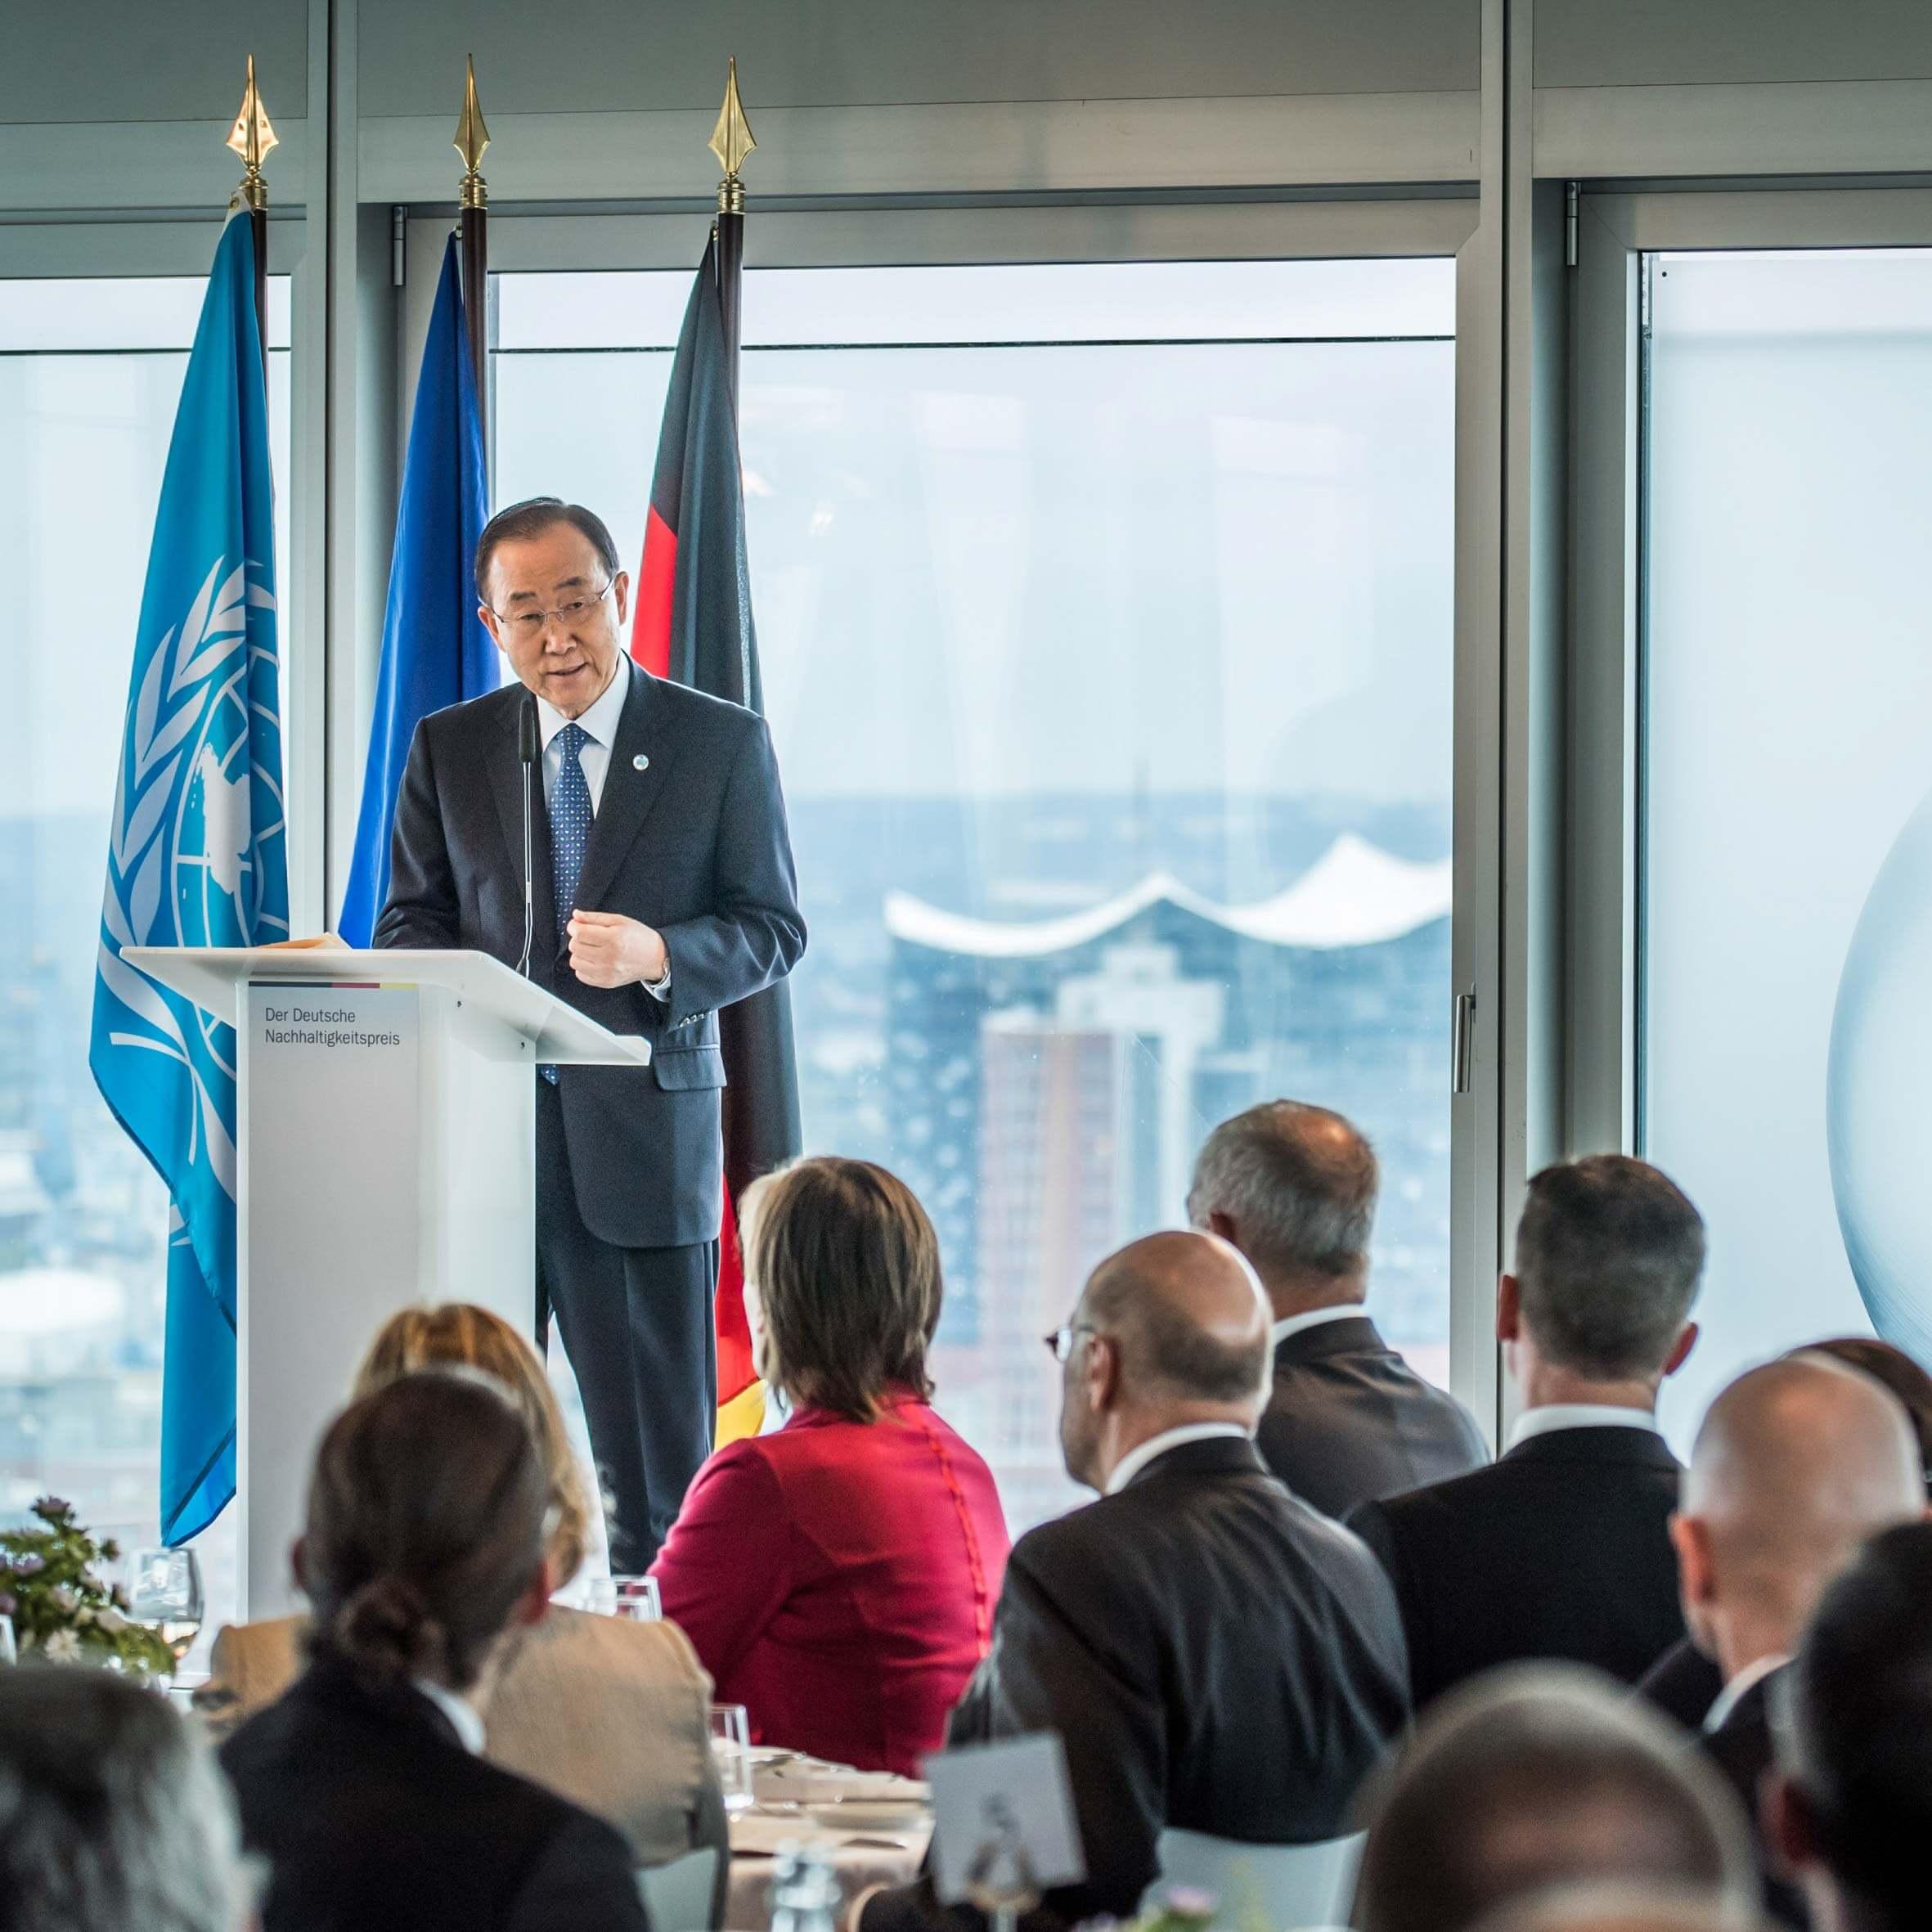 Uno-Generalsekretär am Rednerpult vor Publikum